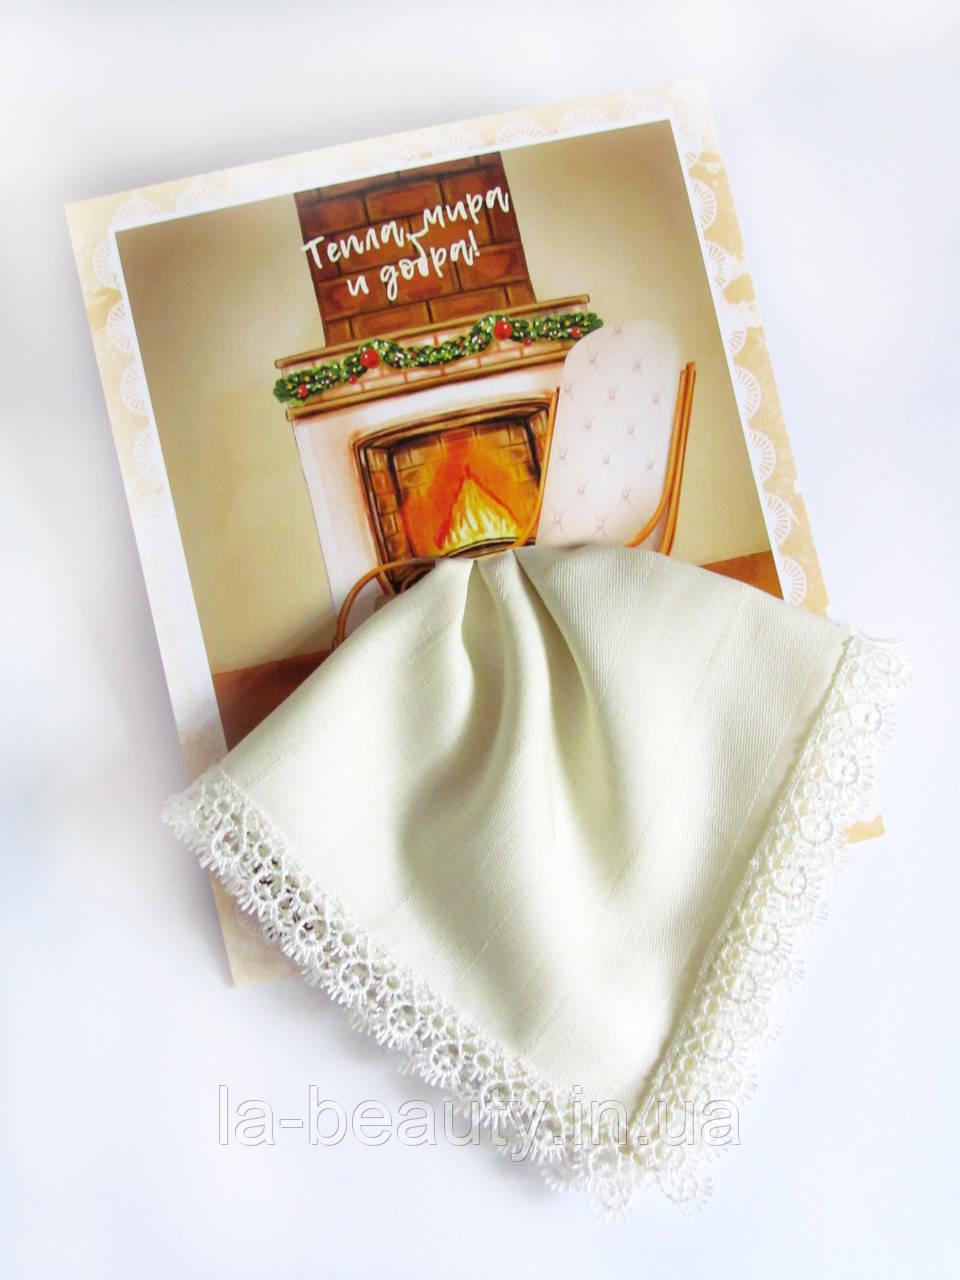 Подарочный носовой платок Тепла, мира и добра! молочный с кружевом